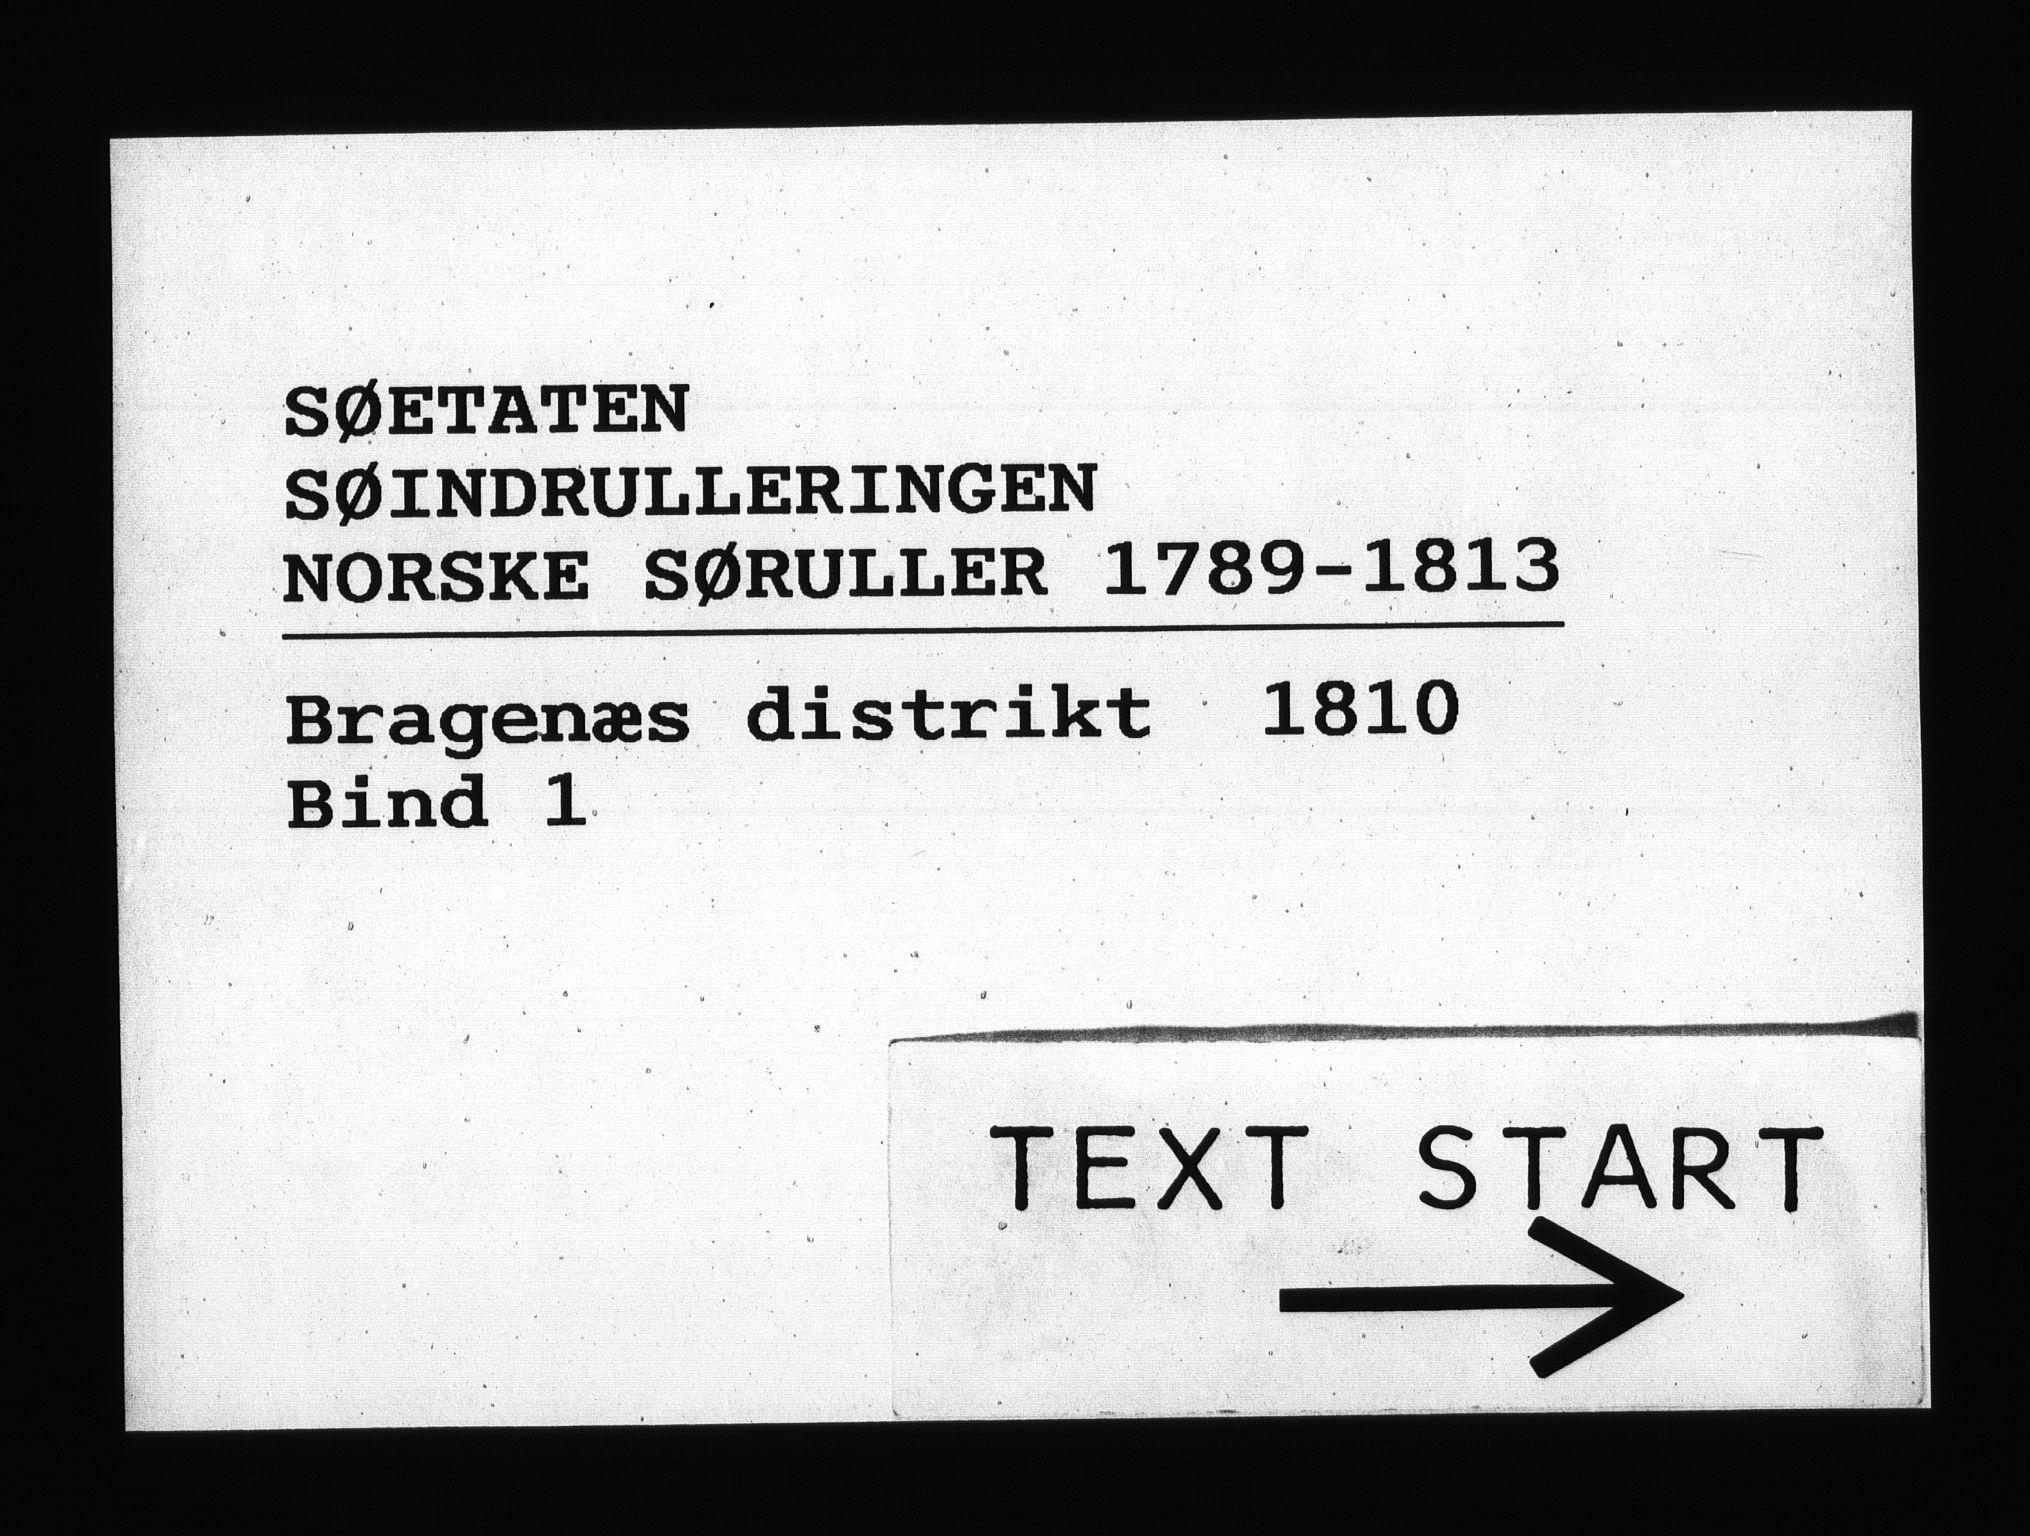 RA, Sjøetaten, F/L0157: Bragernes distrikt, bind 1, 1810